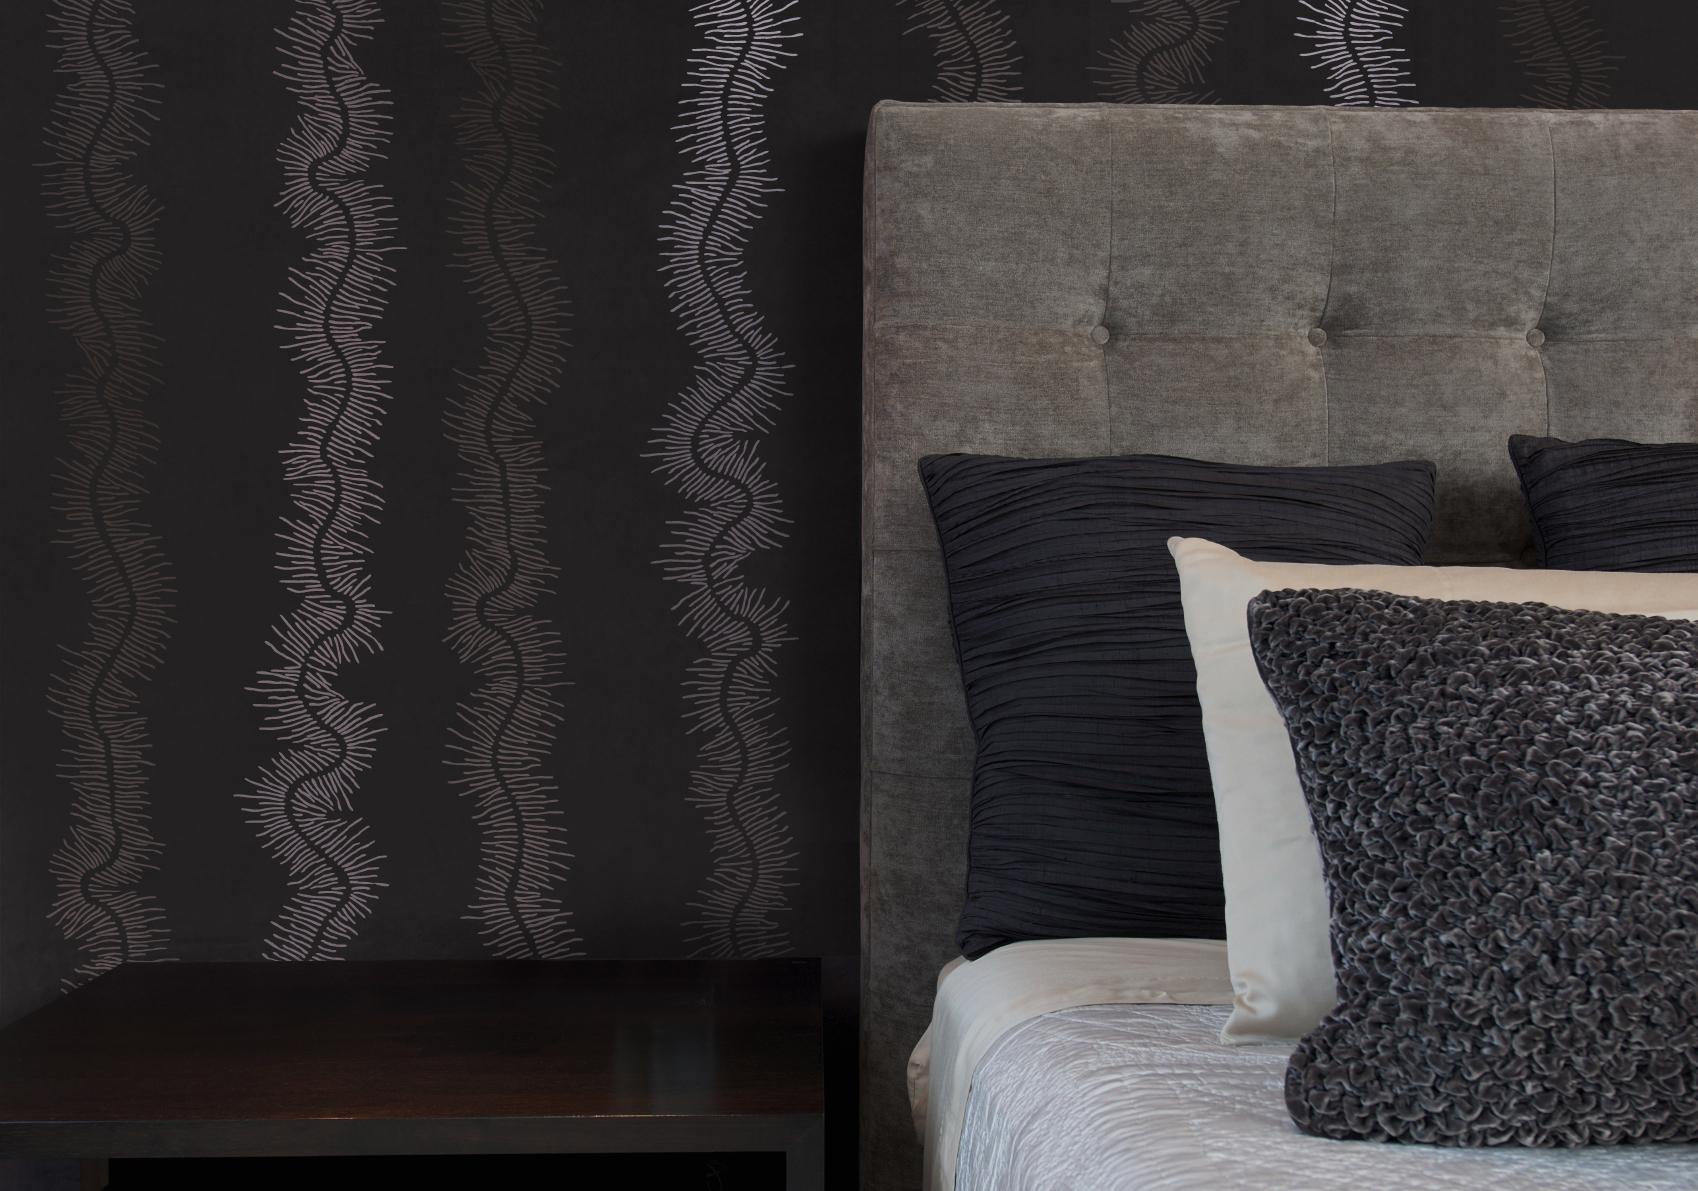 Meander Bedroom Wallpaper for Bleux.jpg